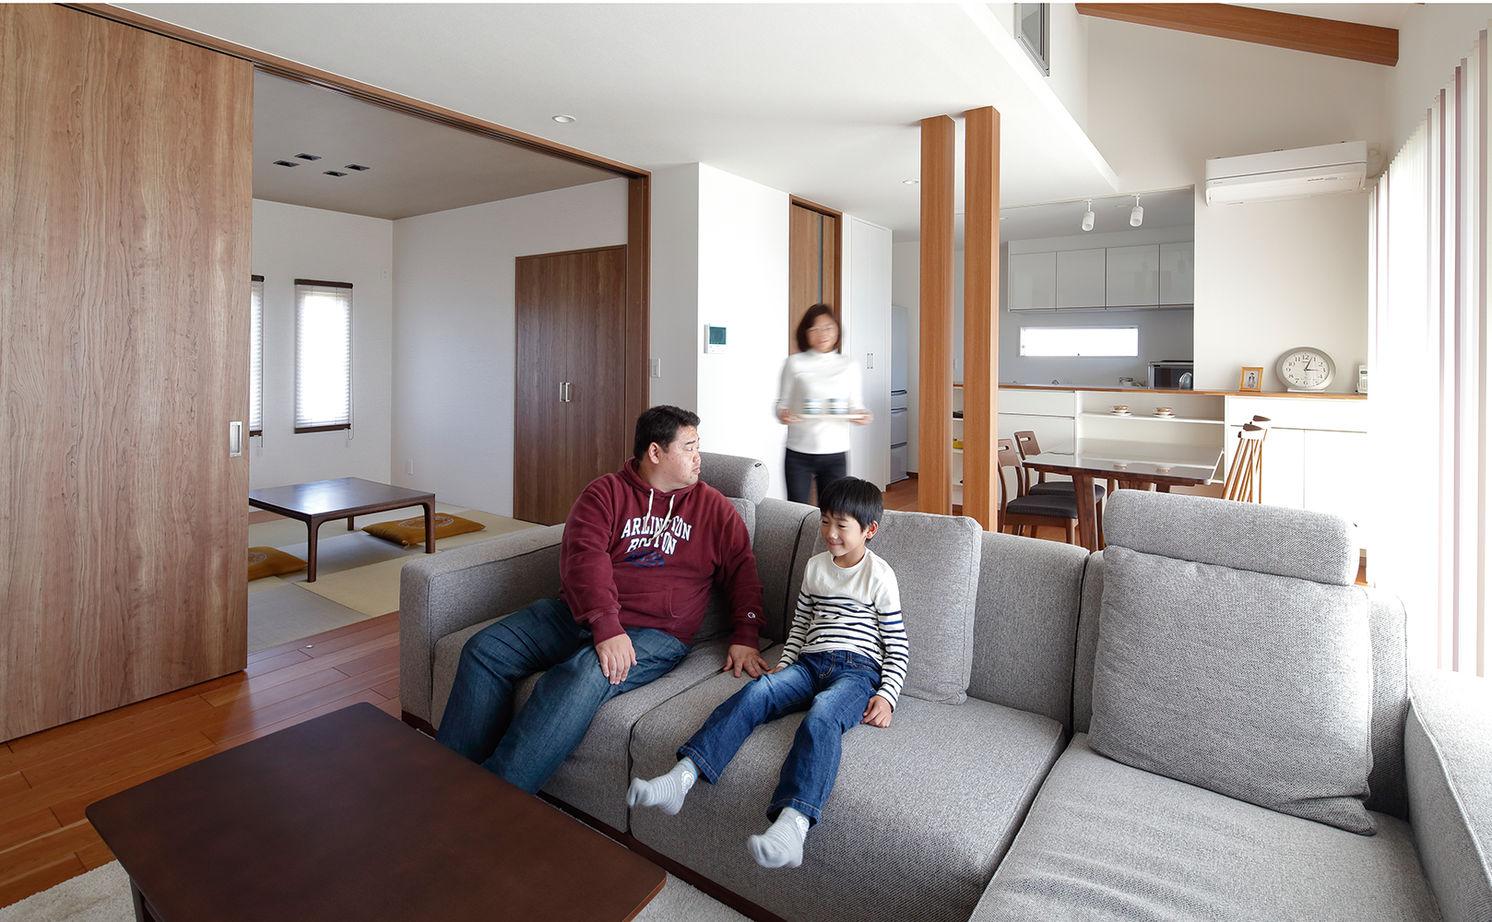 【建物本体価格2000万円台/間取り図あり】平屋の快適動線が住み心地いい、遊び心溢れるオンリーワンの家画像2